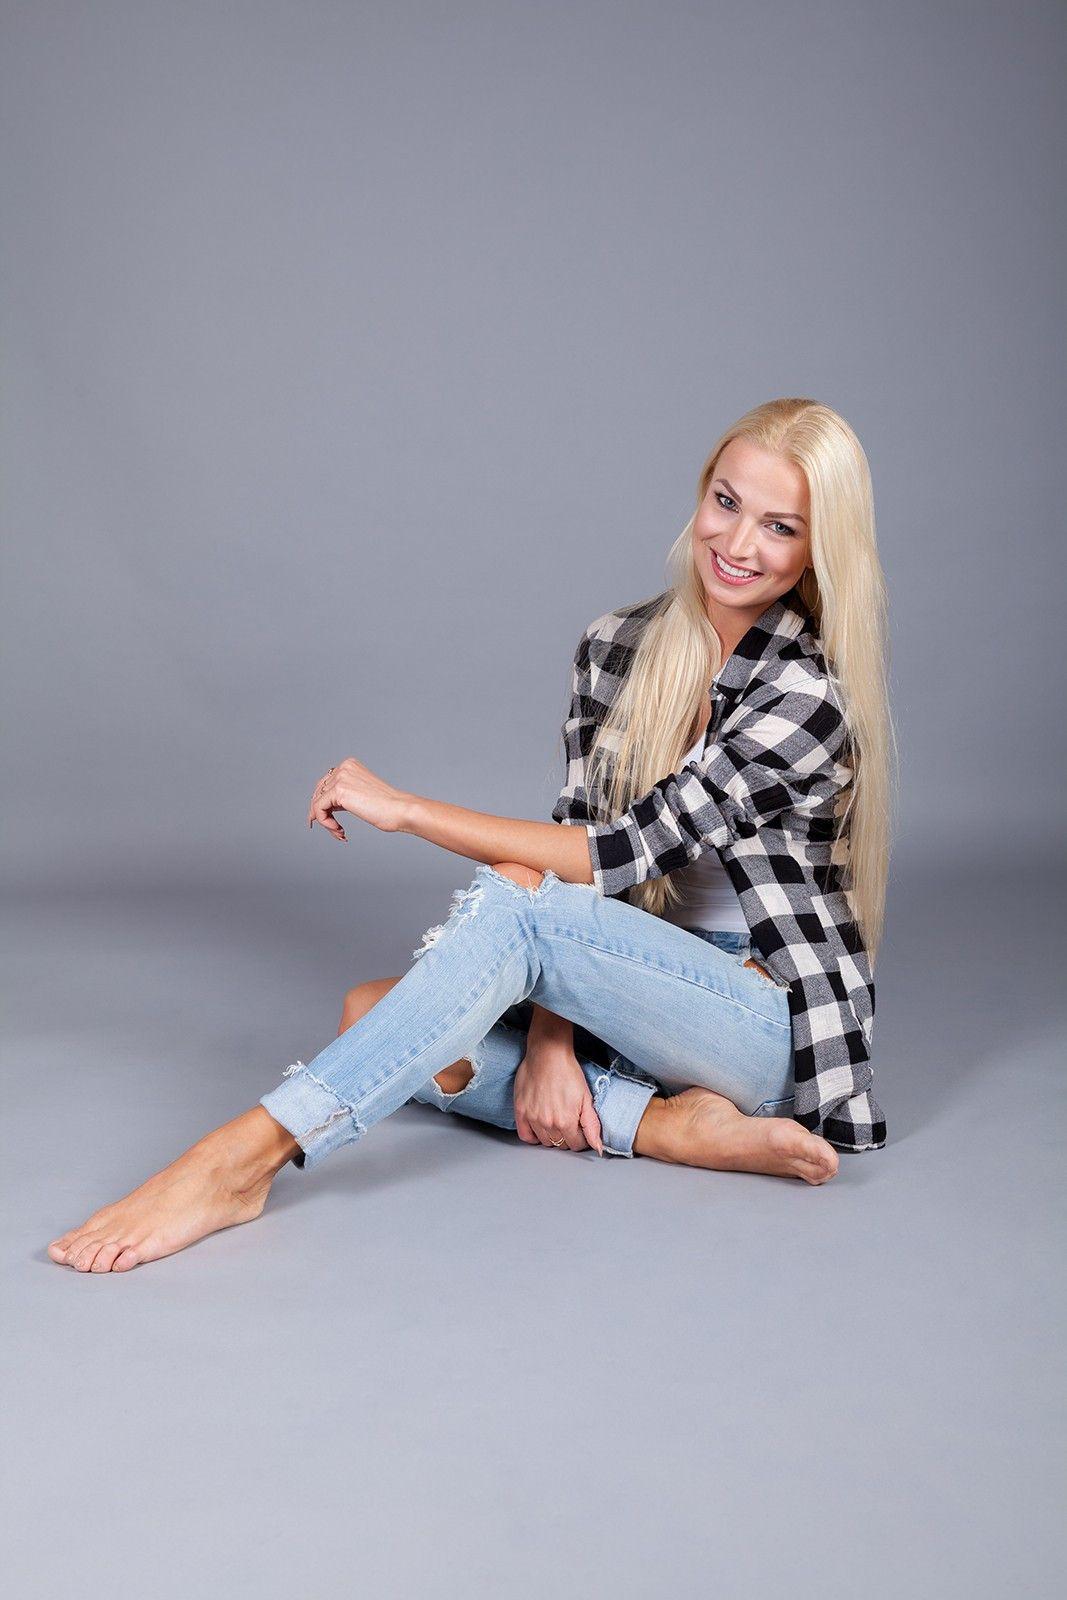 Katja Kalugina ist Deutsche Vizemeisterin im Showdance Professional Latin. 2012 tanzte sie an der Seite von Ex-DSDS-Kandidat Ardian Bujupi.